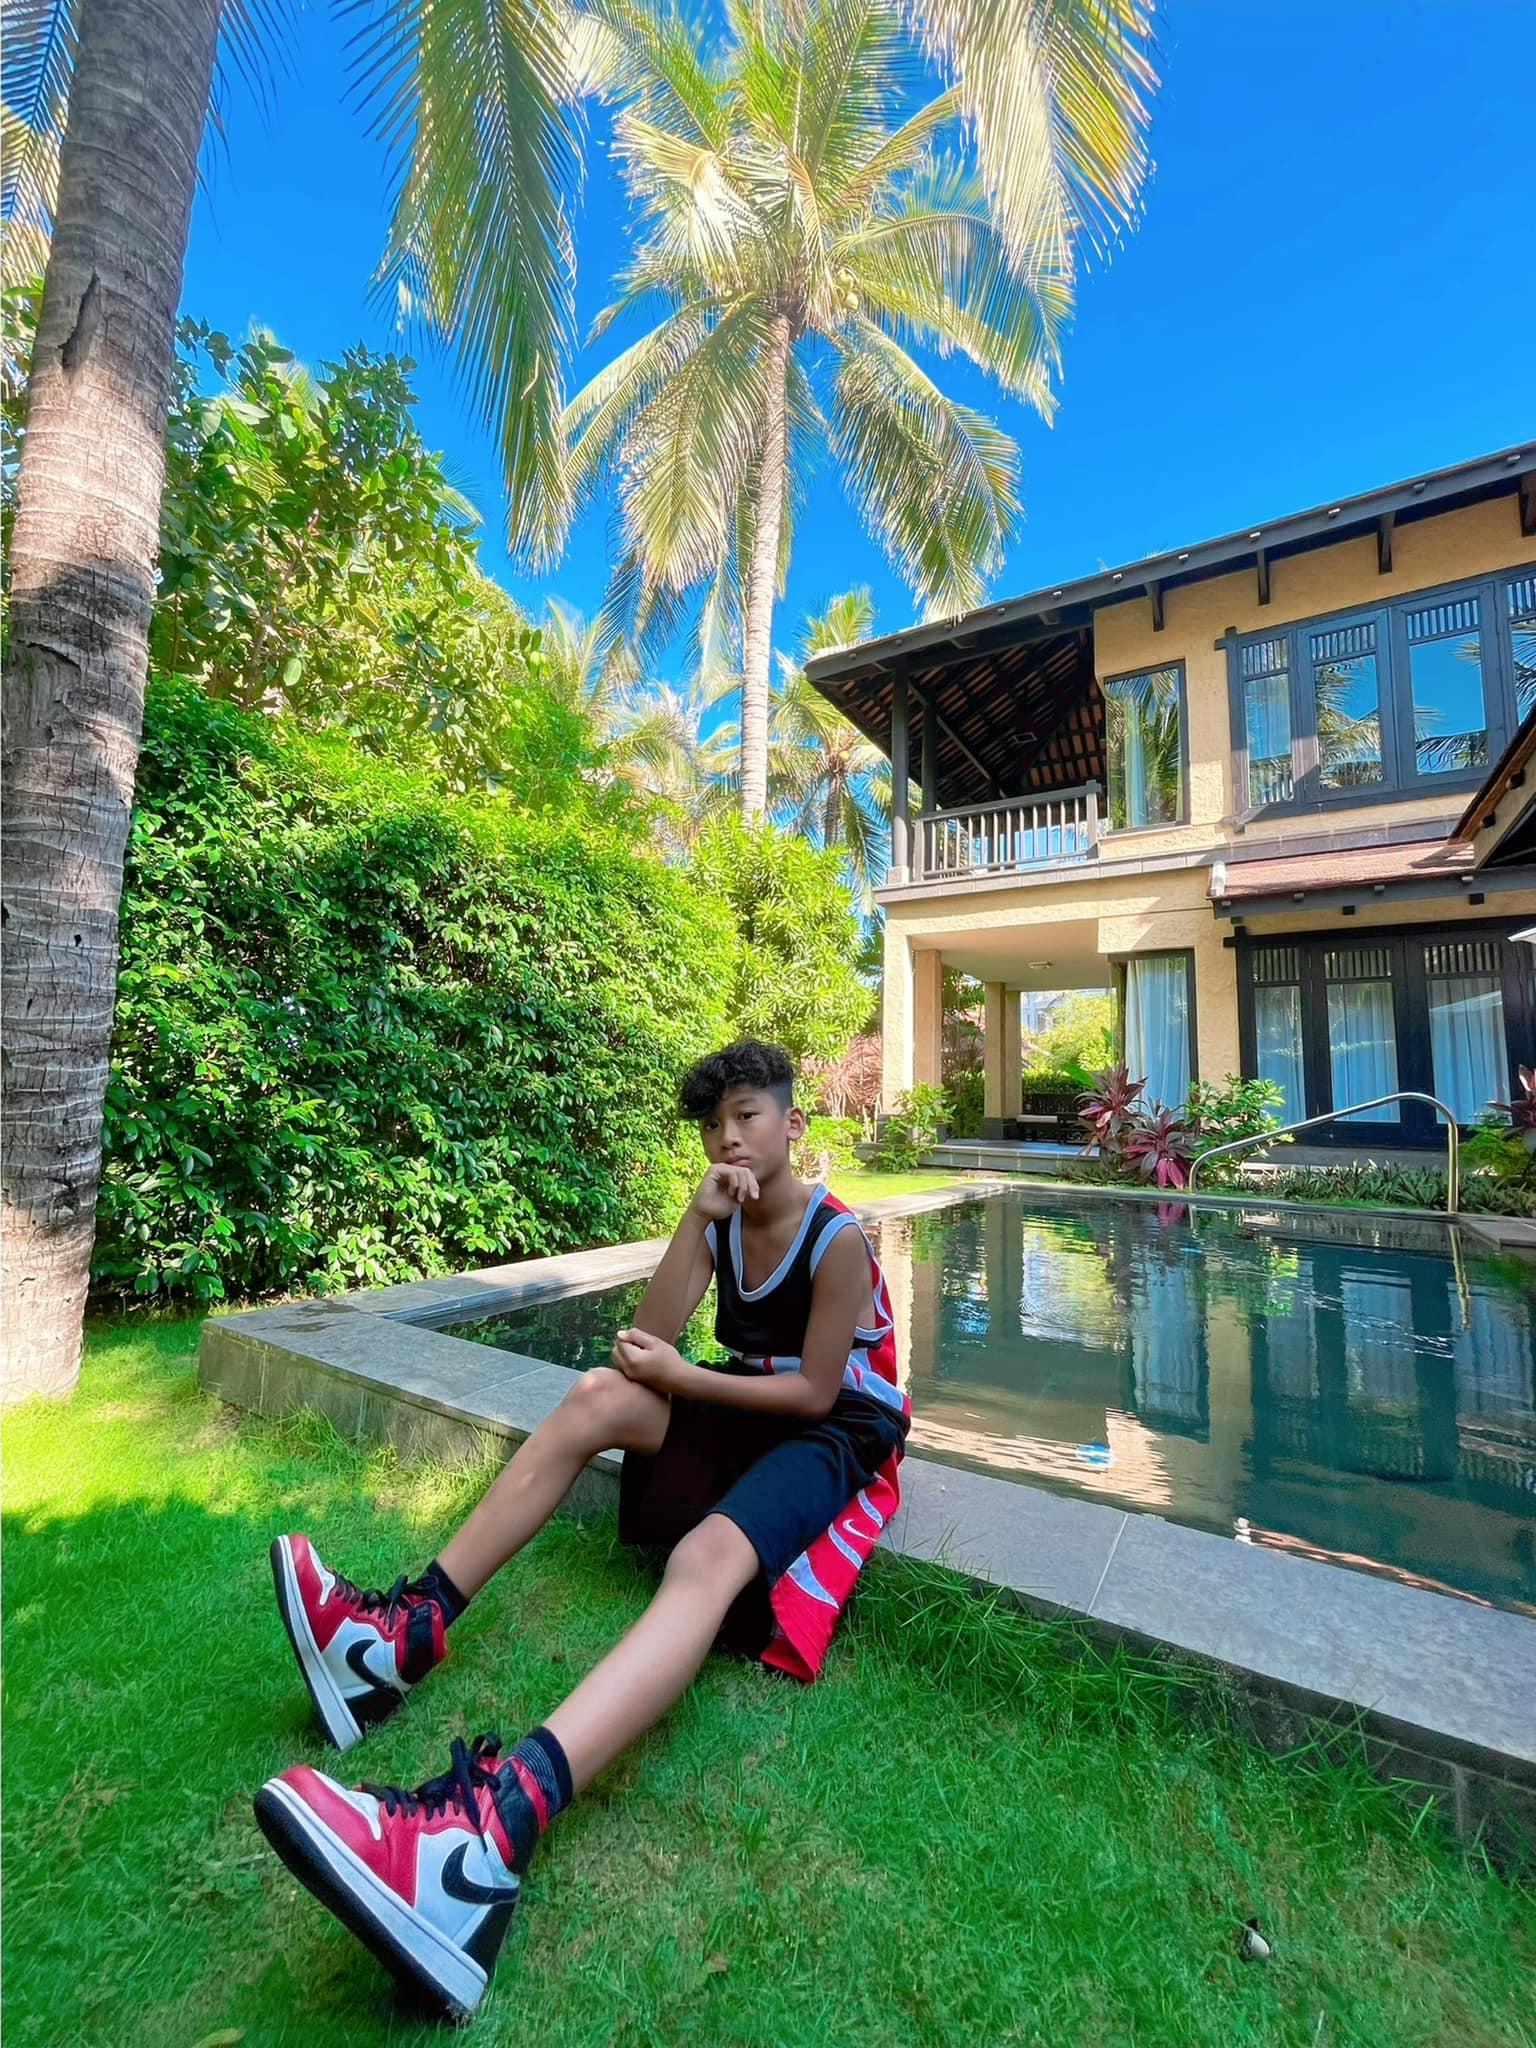 Villa của nữ ca sĩ thiếtkế pha trộn giữa nhà vườn Việt Nam và phong cách kiến trúc đương đại, gần gũi thiên nhiên.